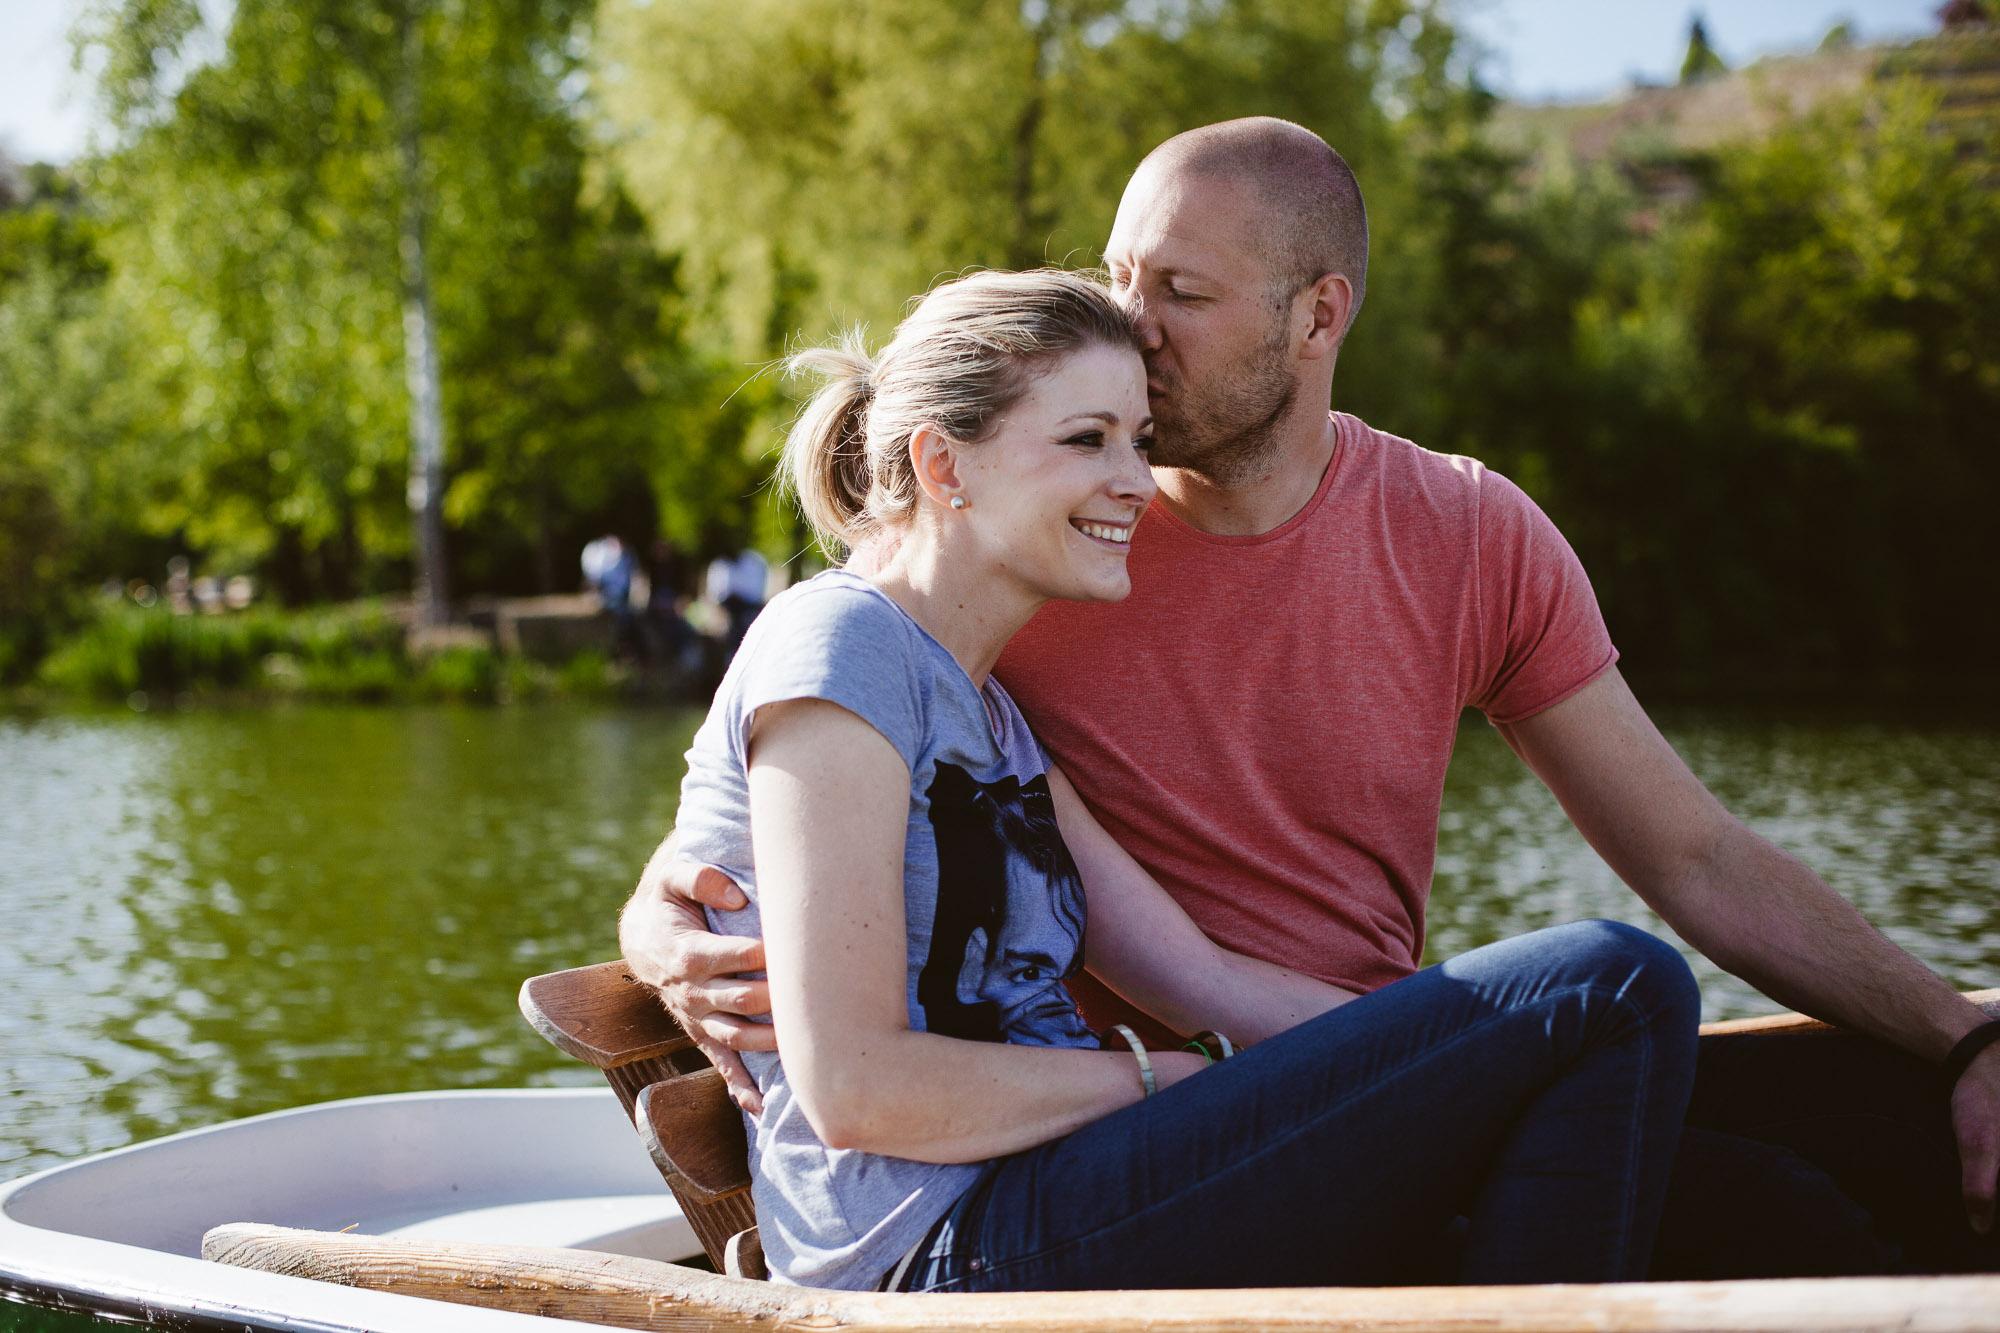 Karo und Stefan Engagement Foto Avec Amis-26